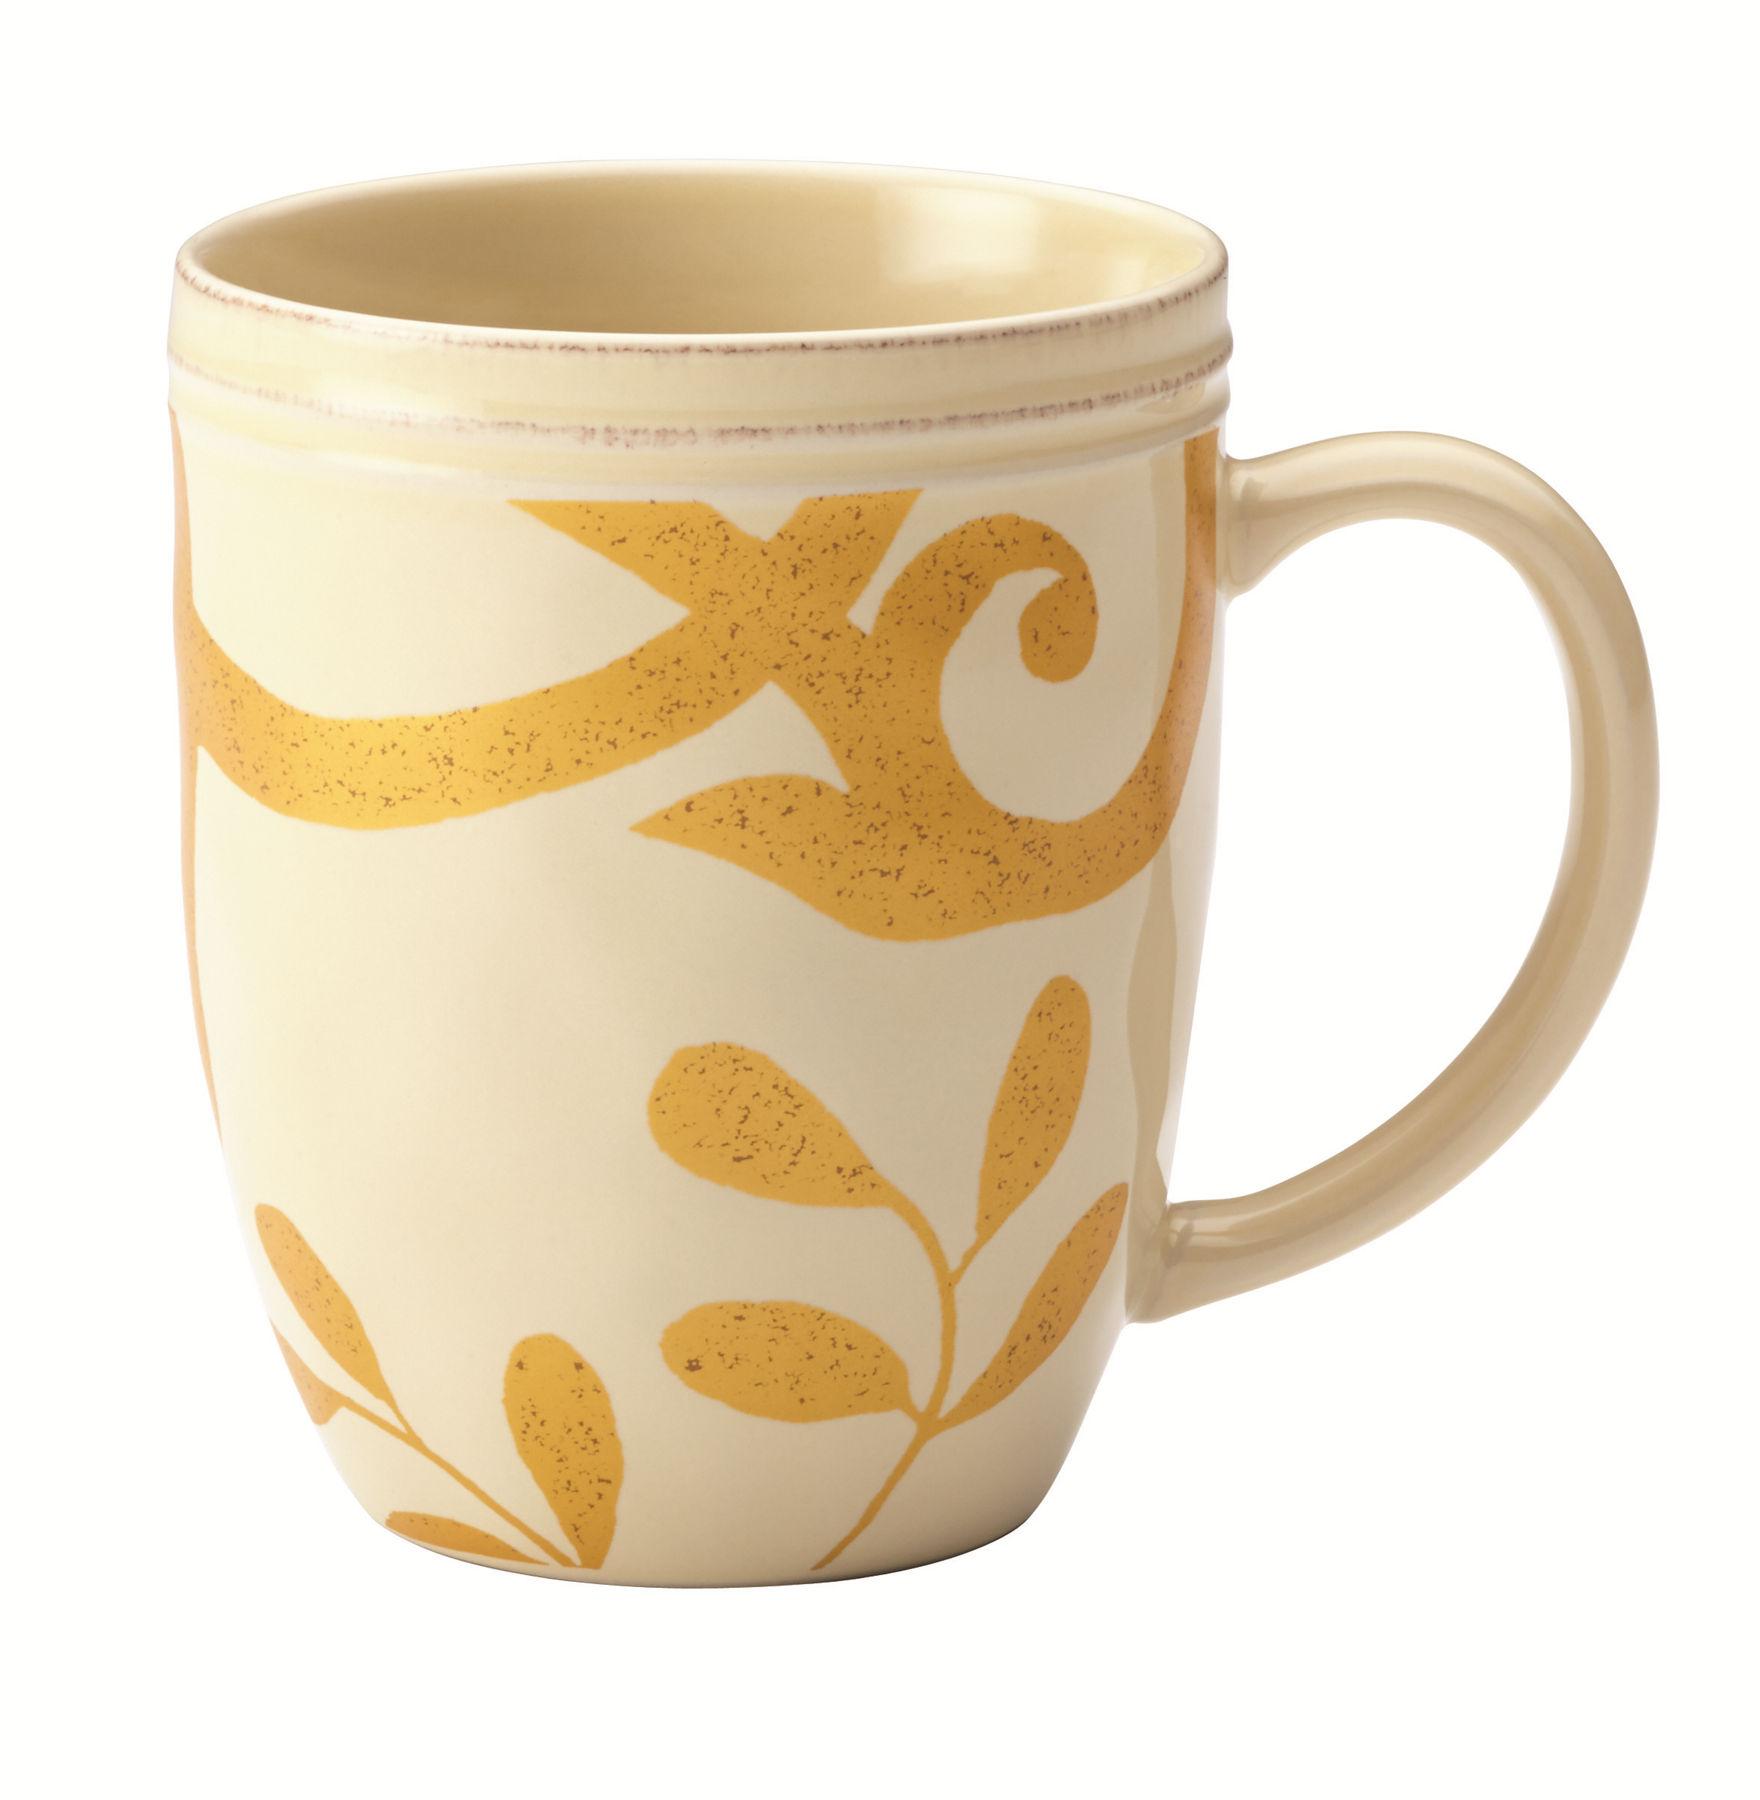 Rachael Ray Cream Mugs Drinkware